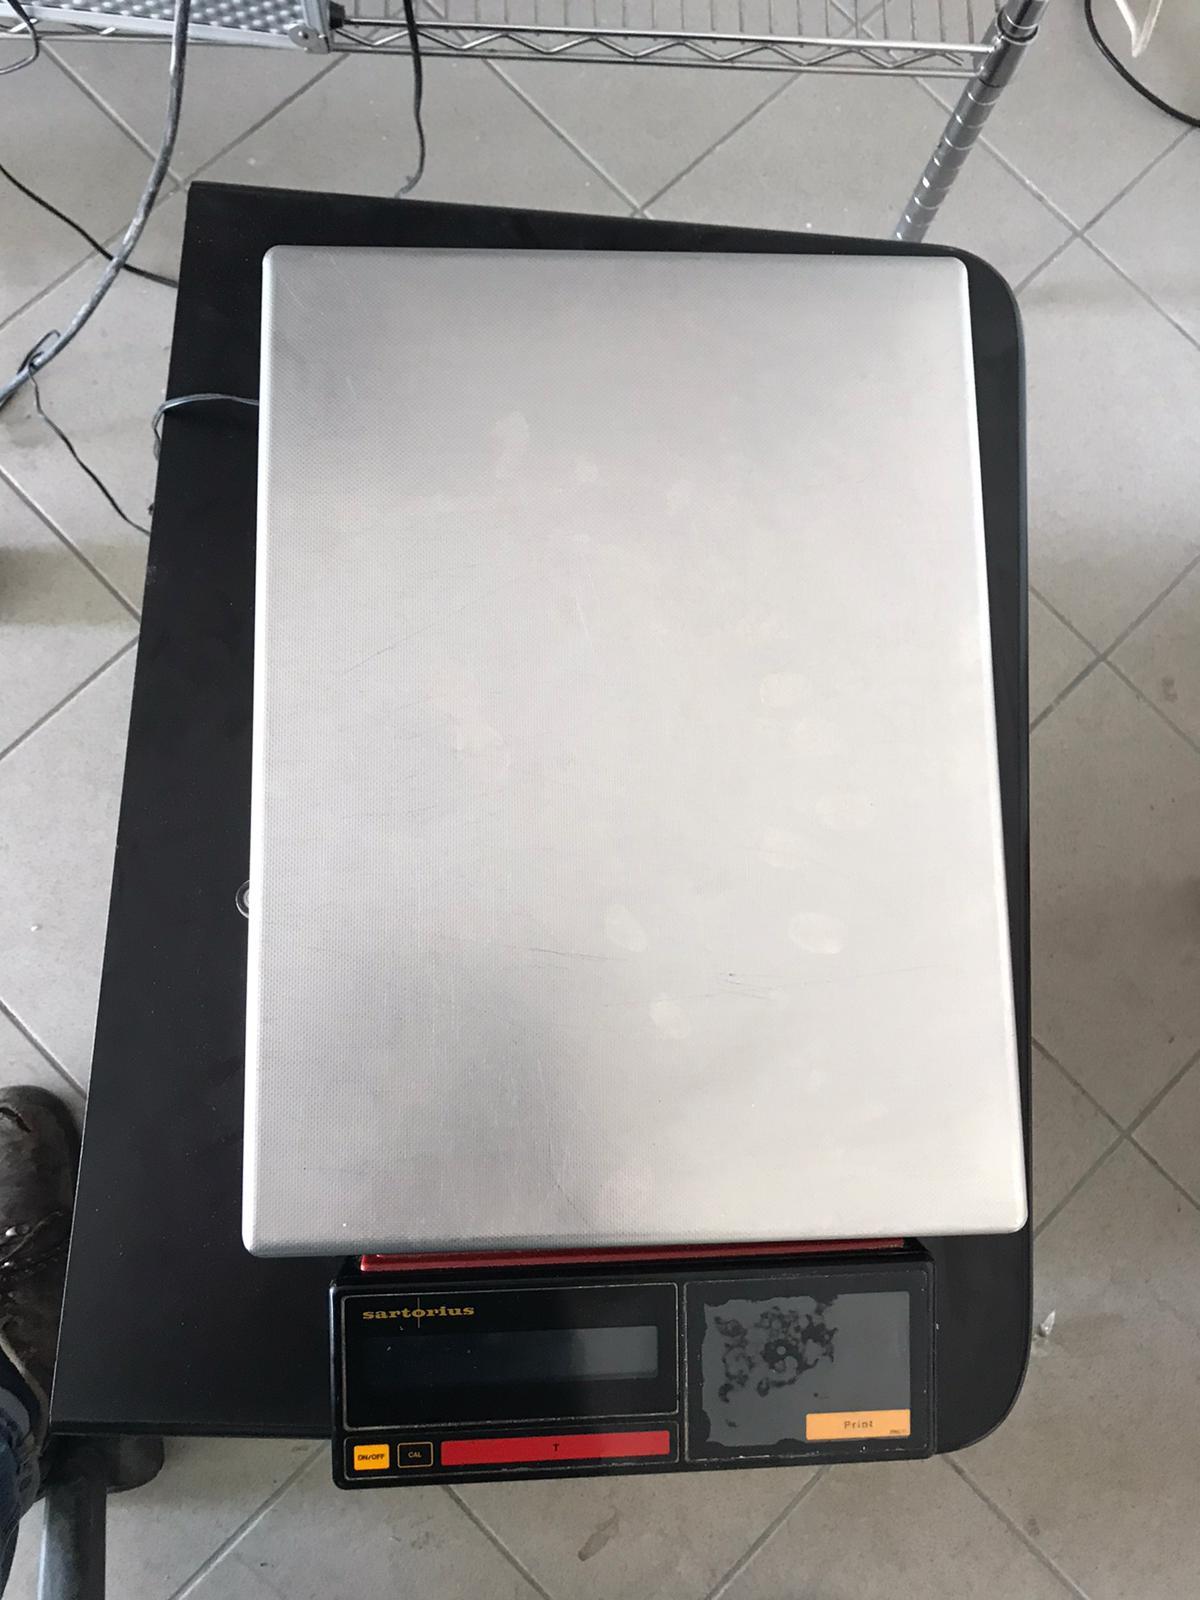 BILANCIA DA BANCO – SARTORIUS – MOD. IB31 (LAB-BIL-19) in vendita - foto 2